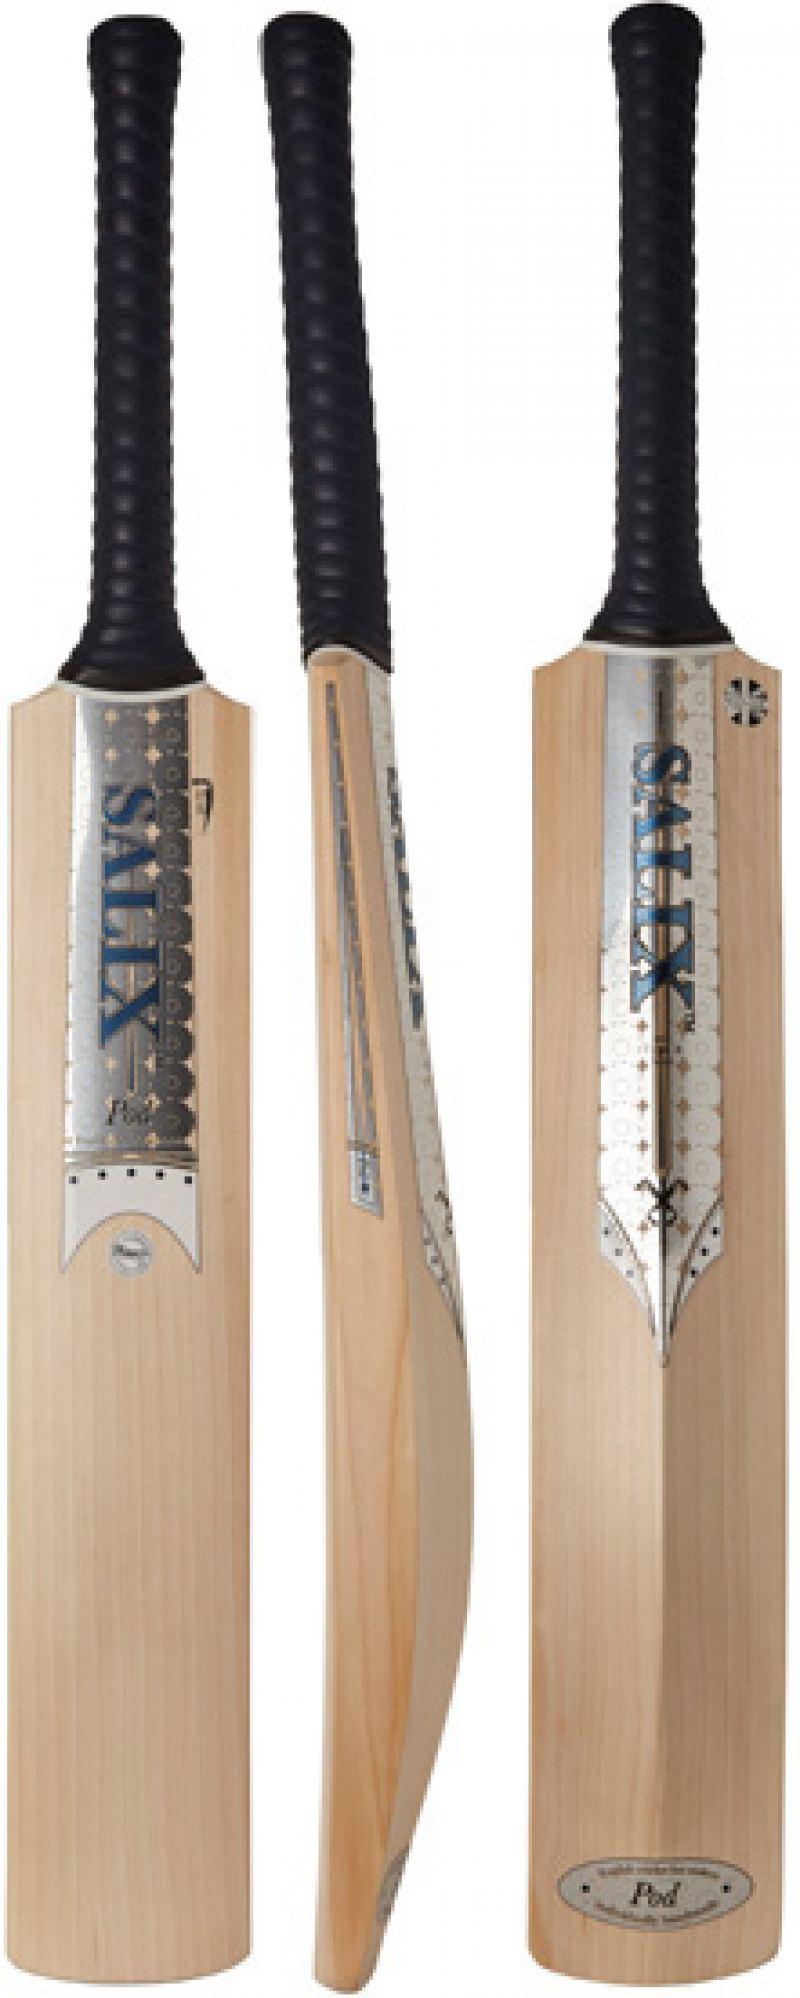 Salix Pod Marque Cricket Bat